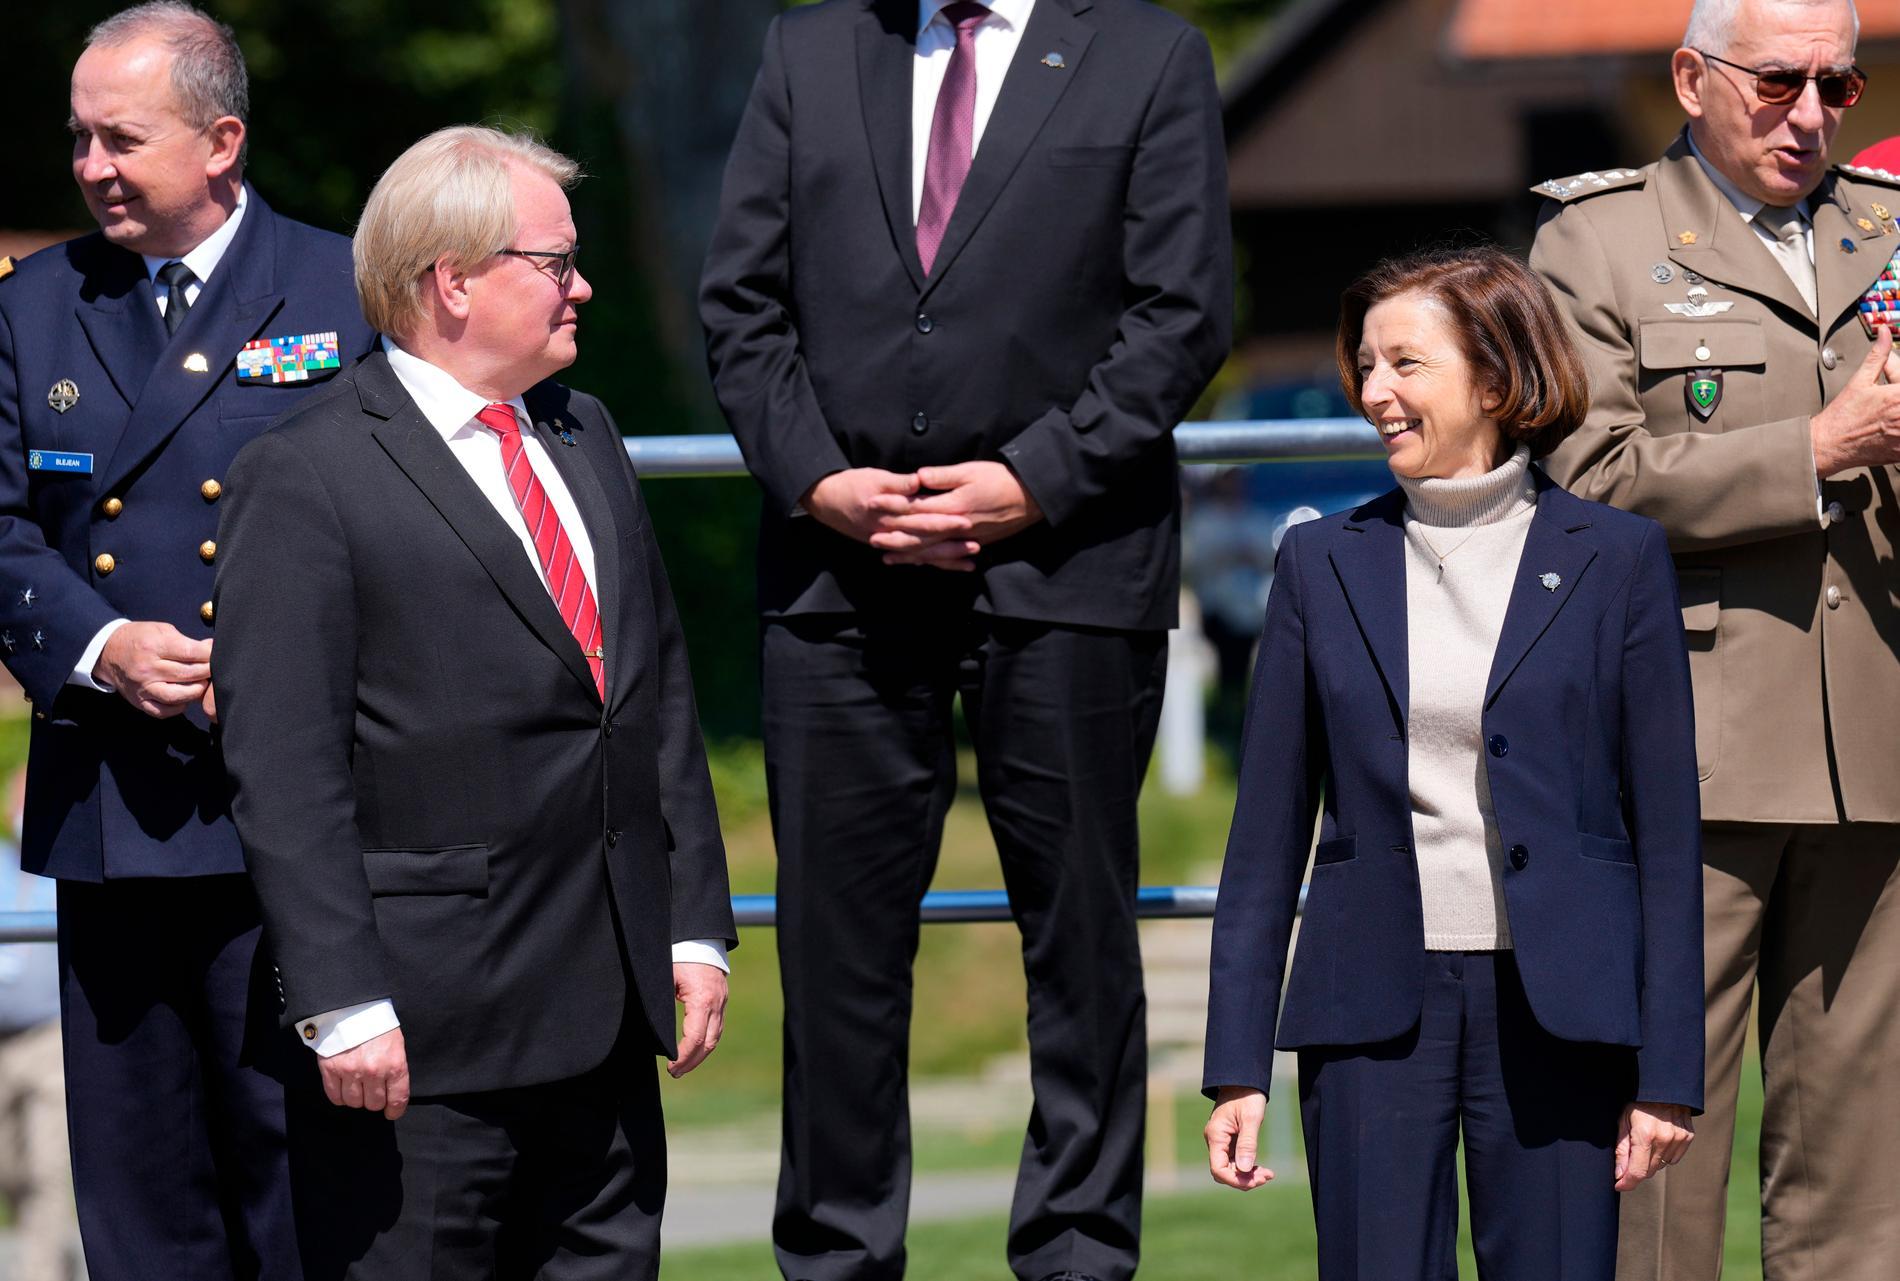 Peter Hultqvist (andra från vänster) och Florence Parly (andra från höger) i samband med ett möte för EU:s försvarsministrar i Slovenien i början av september.